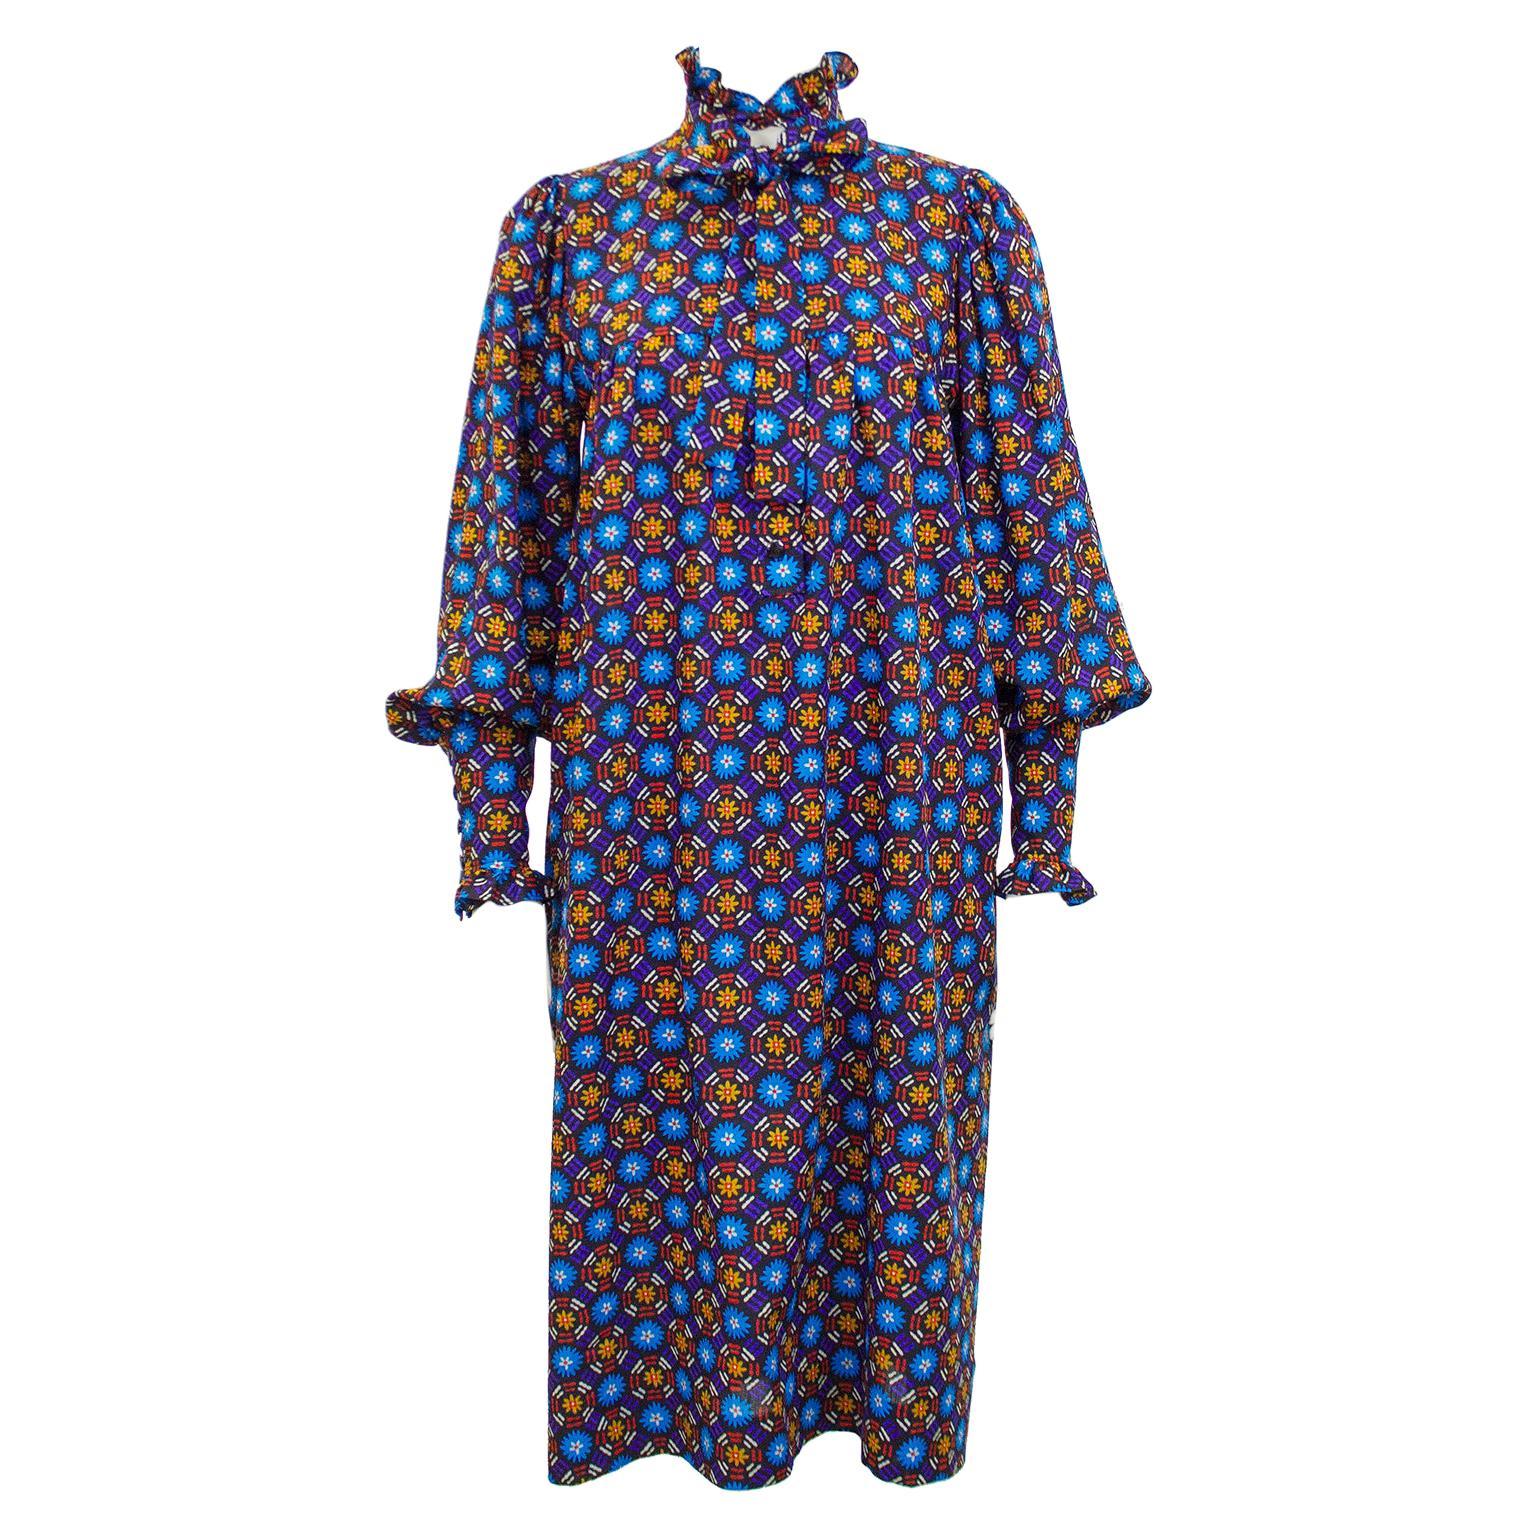 1970s Yves Saint Laurent Rive Gauche Blue Floral Cotton Dress